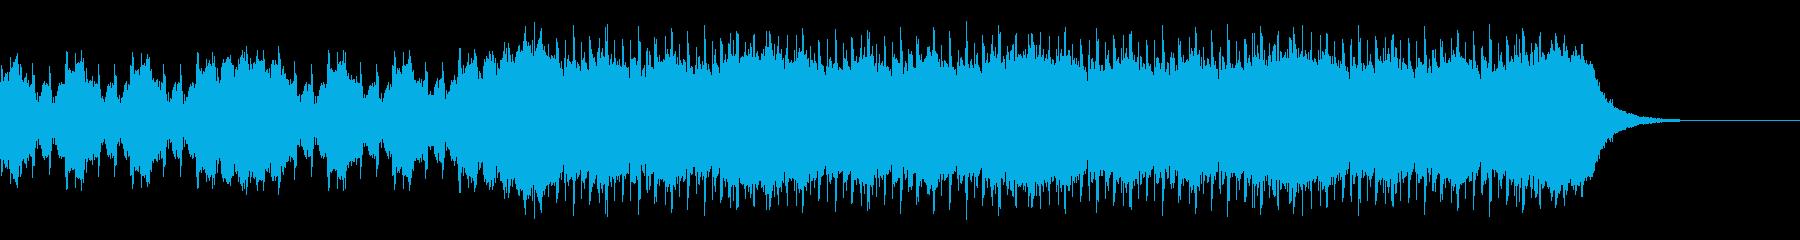 ハードテクスチャ―2の再生済みの波形